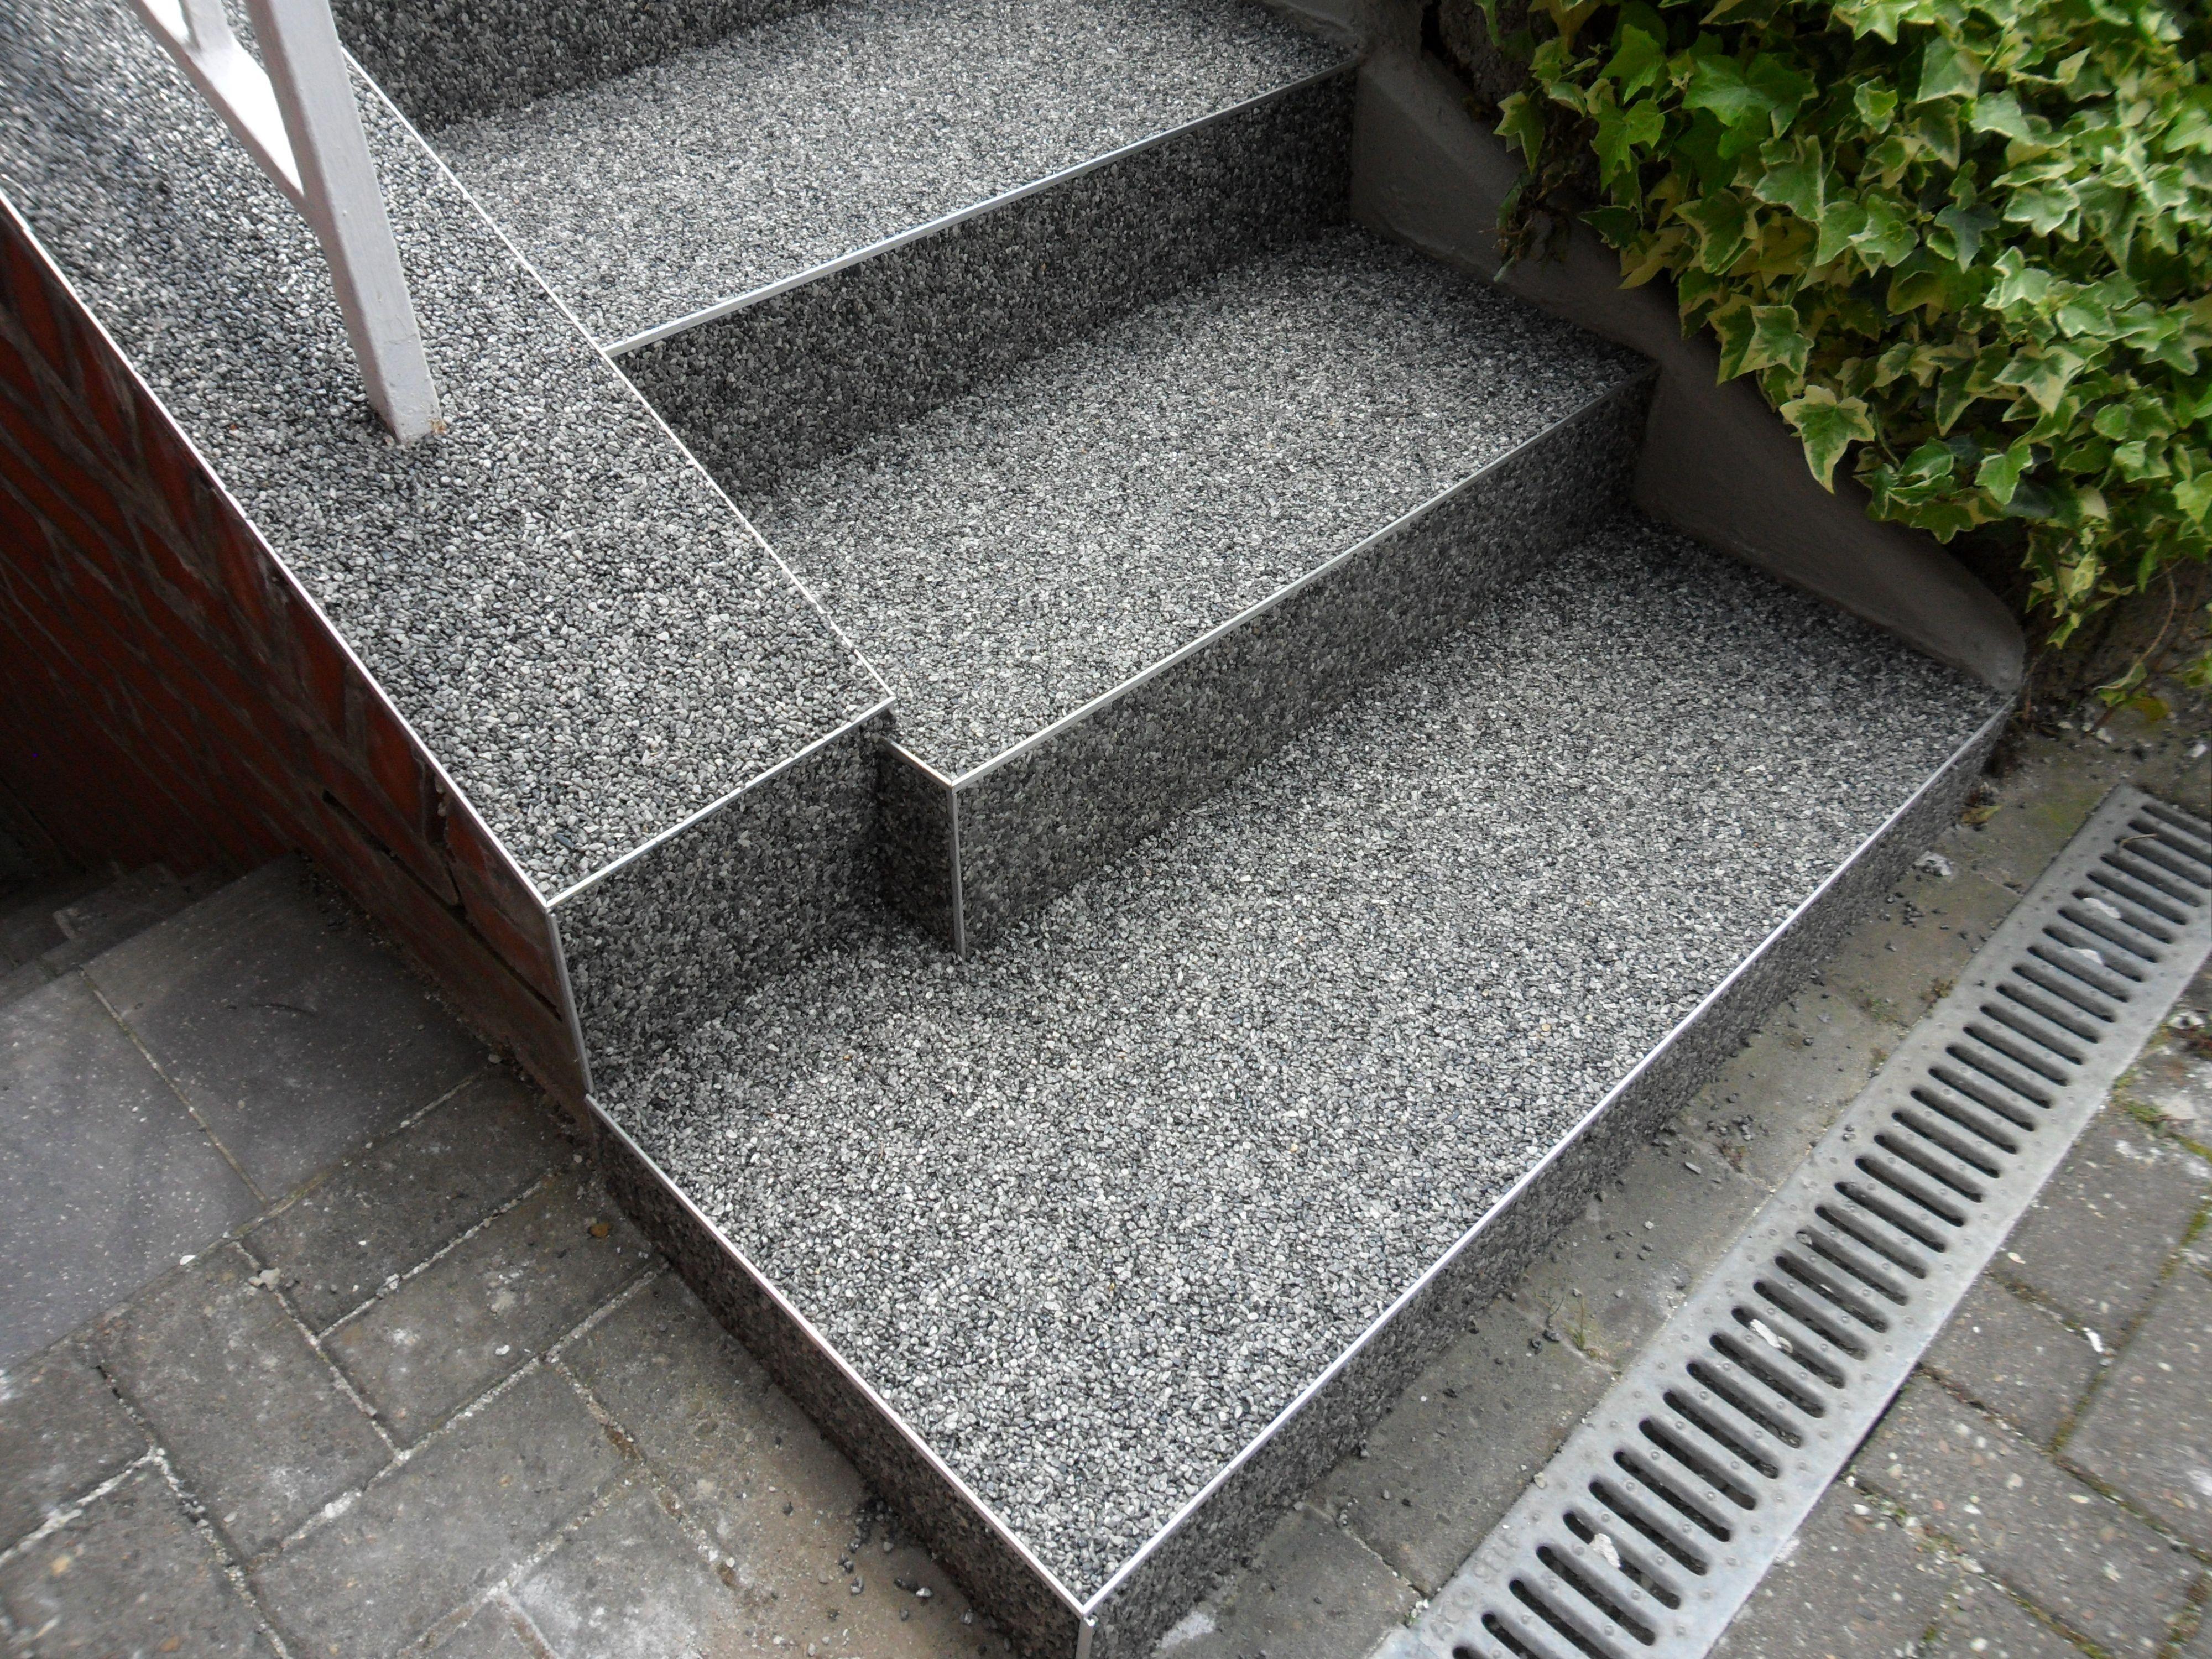 Steinteppich Anwendungsbeispiel Steinteppich Treppe Aussenbereich Treppe Treppenrenovierung Aussentreppe